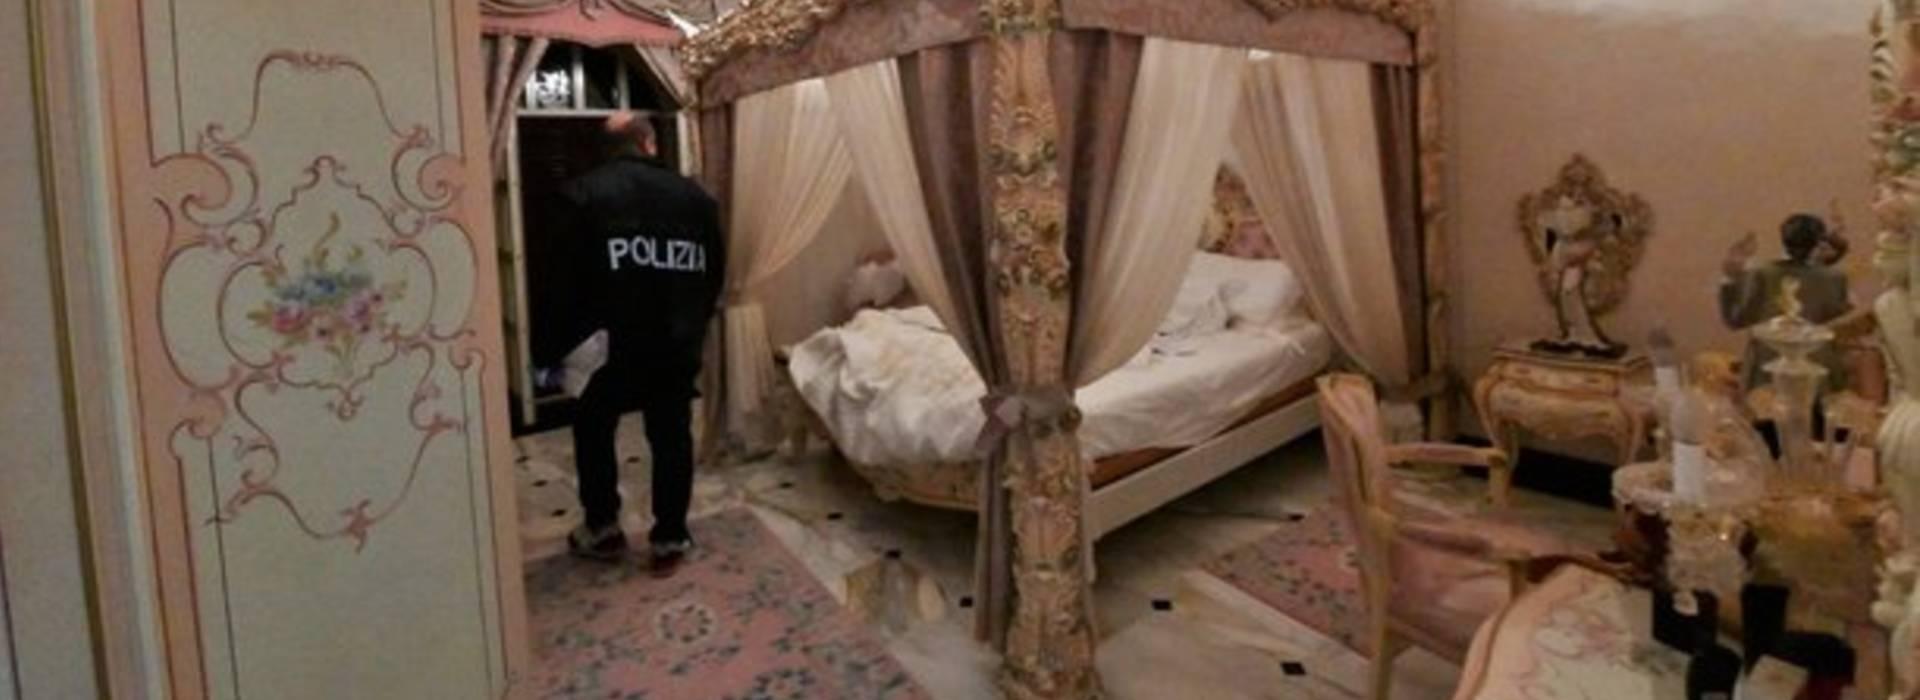 Colpo ai Casamonica: sequestrati beni e ville per 20milioni di euro